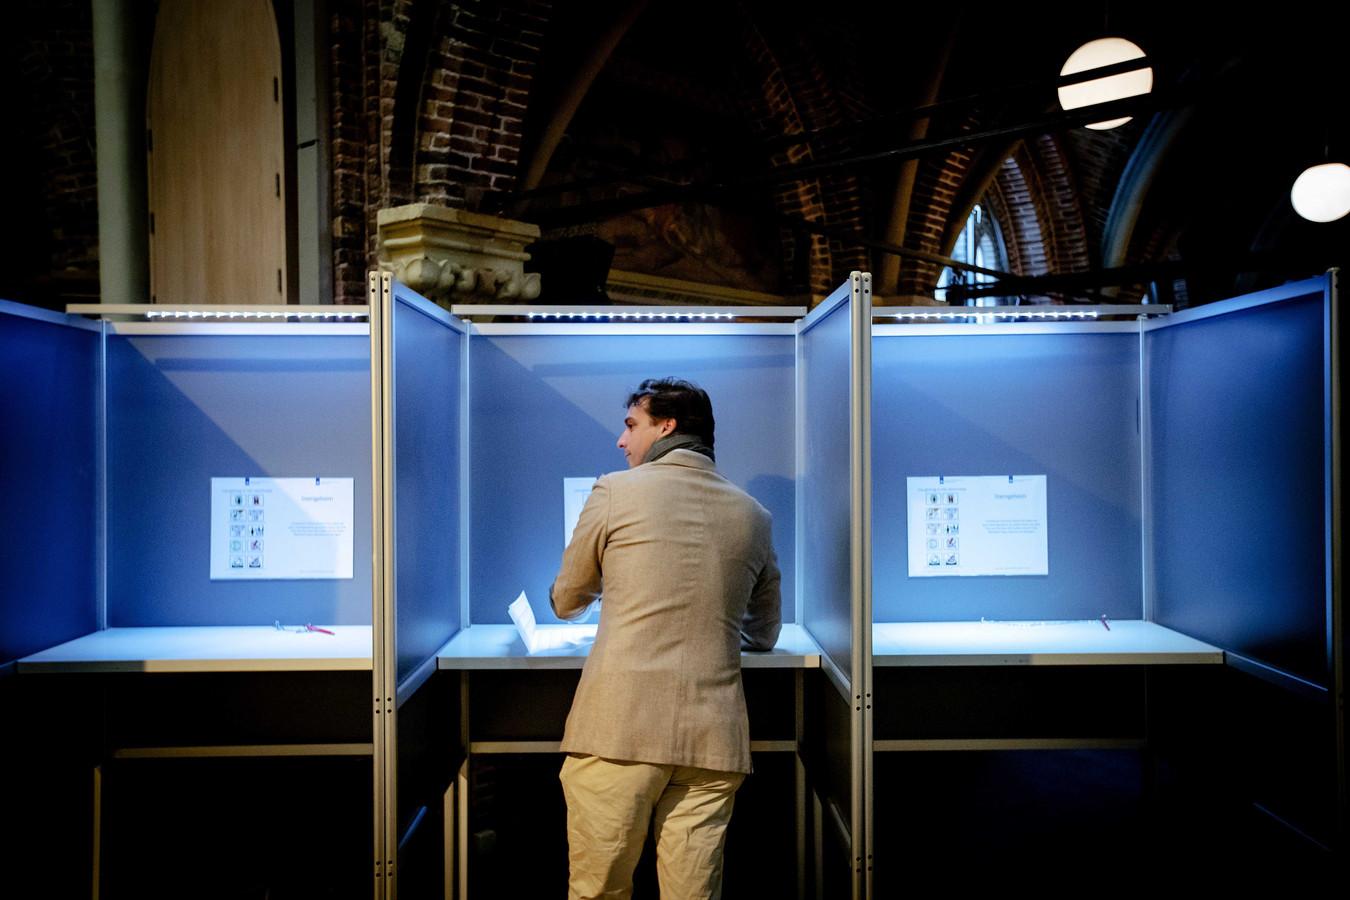 Fractievoorzitter Thierry Baudet van Forum voor Democratie (FvD) brengt zijn stem uit voor de Provinciale Statenverkiezingen en het waterschap.